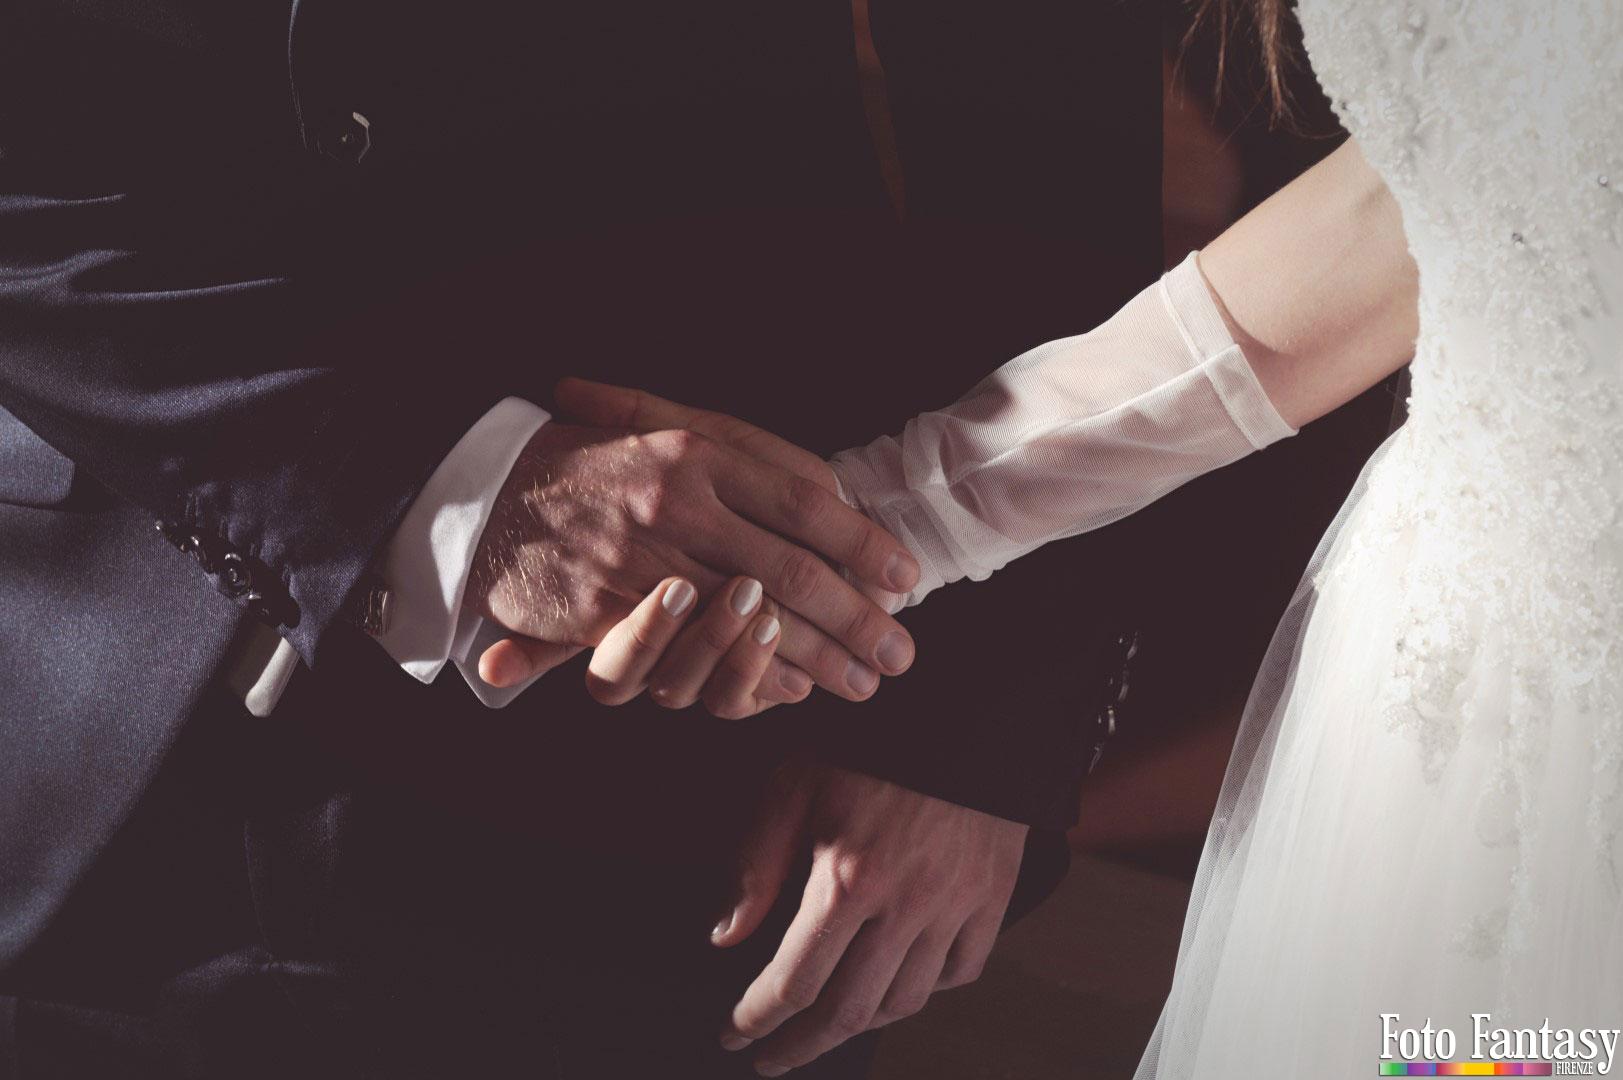 Servizio Matrimonio - Foto Fantasy Firenze - Sposi dettaglio mani